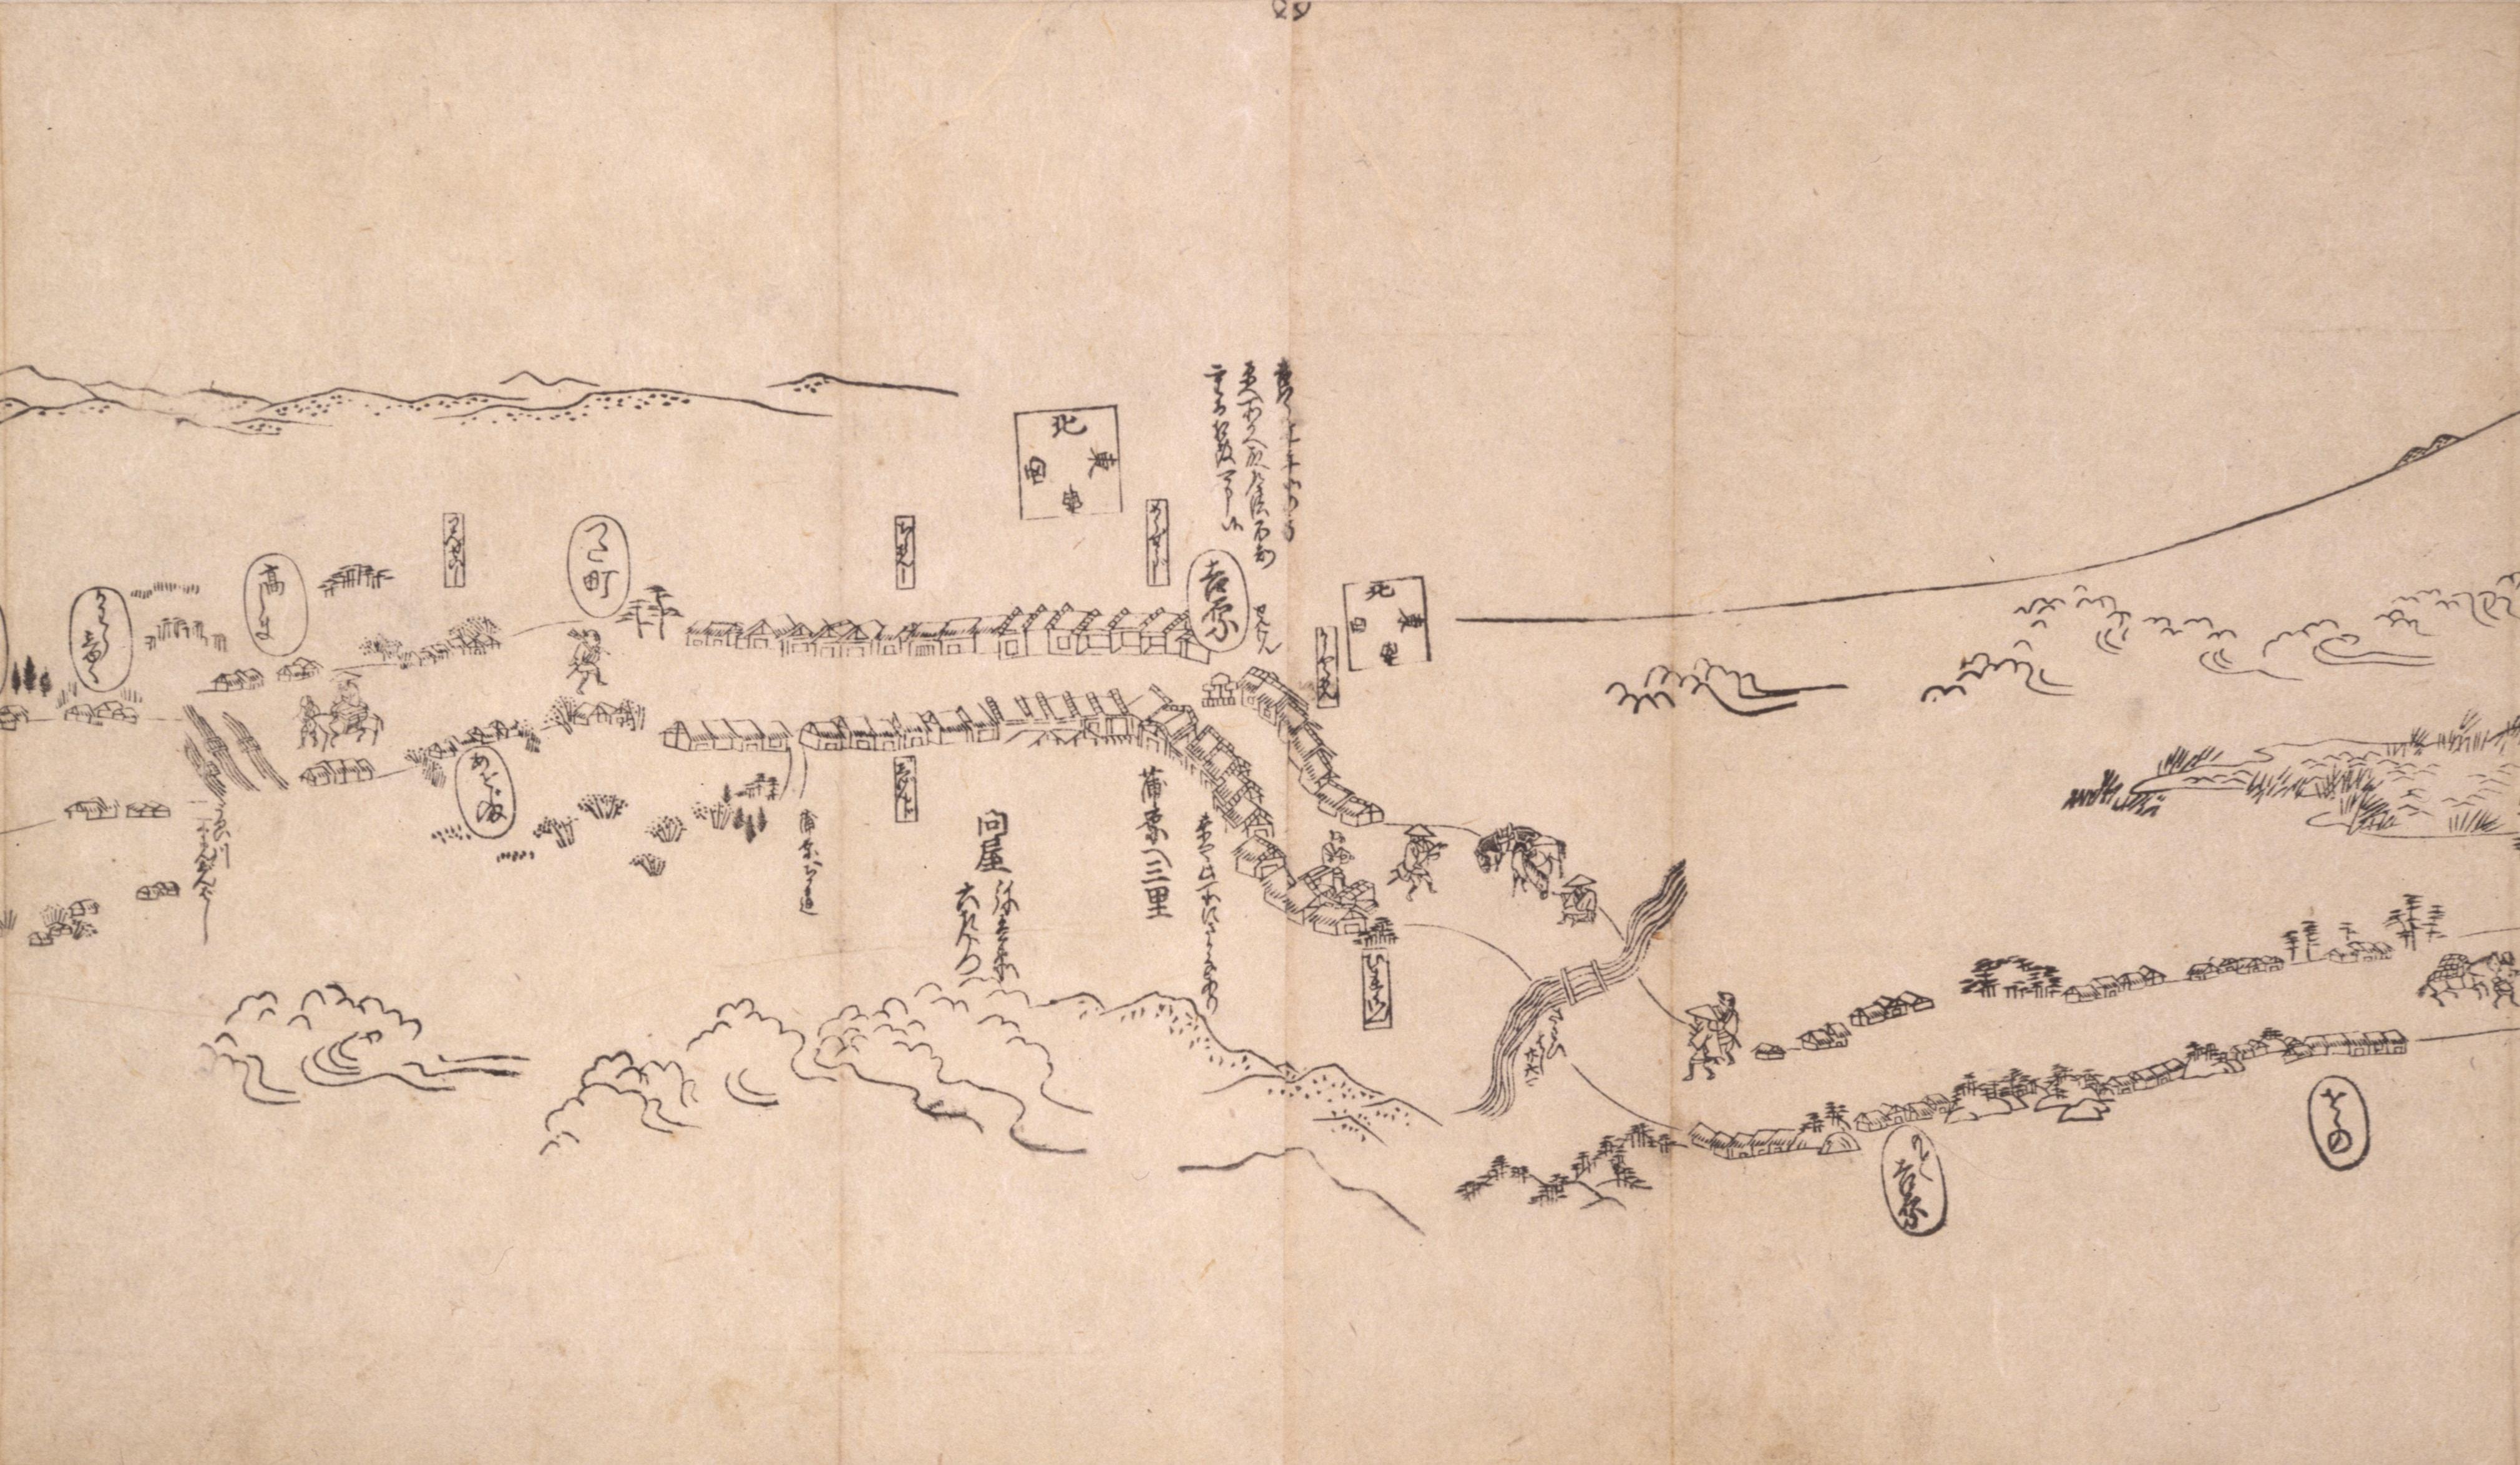 東海道分間之図 二十三